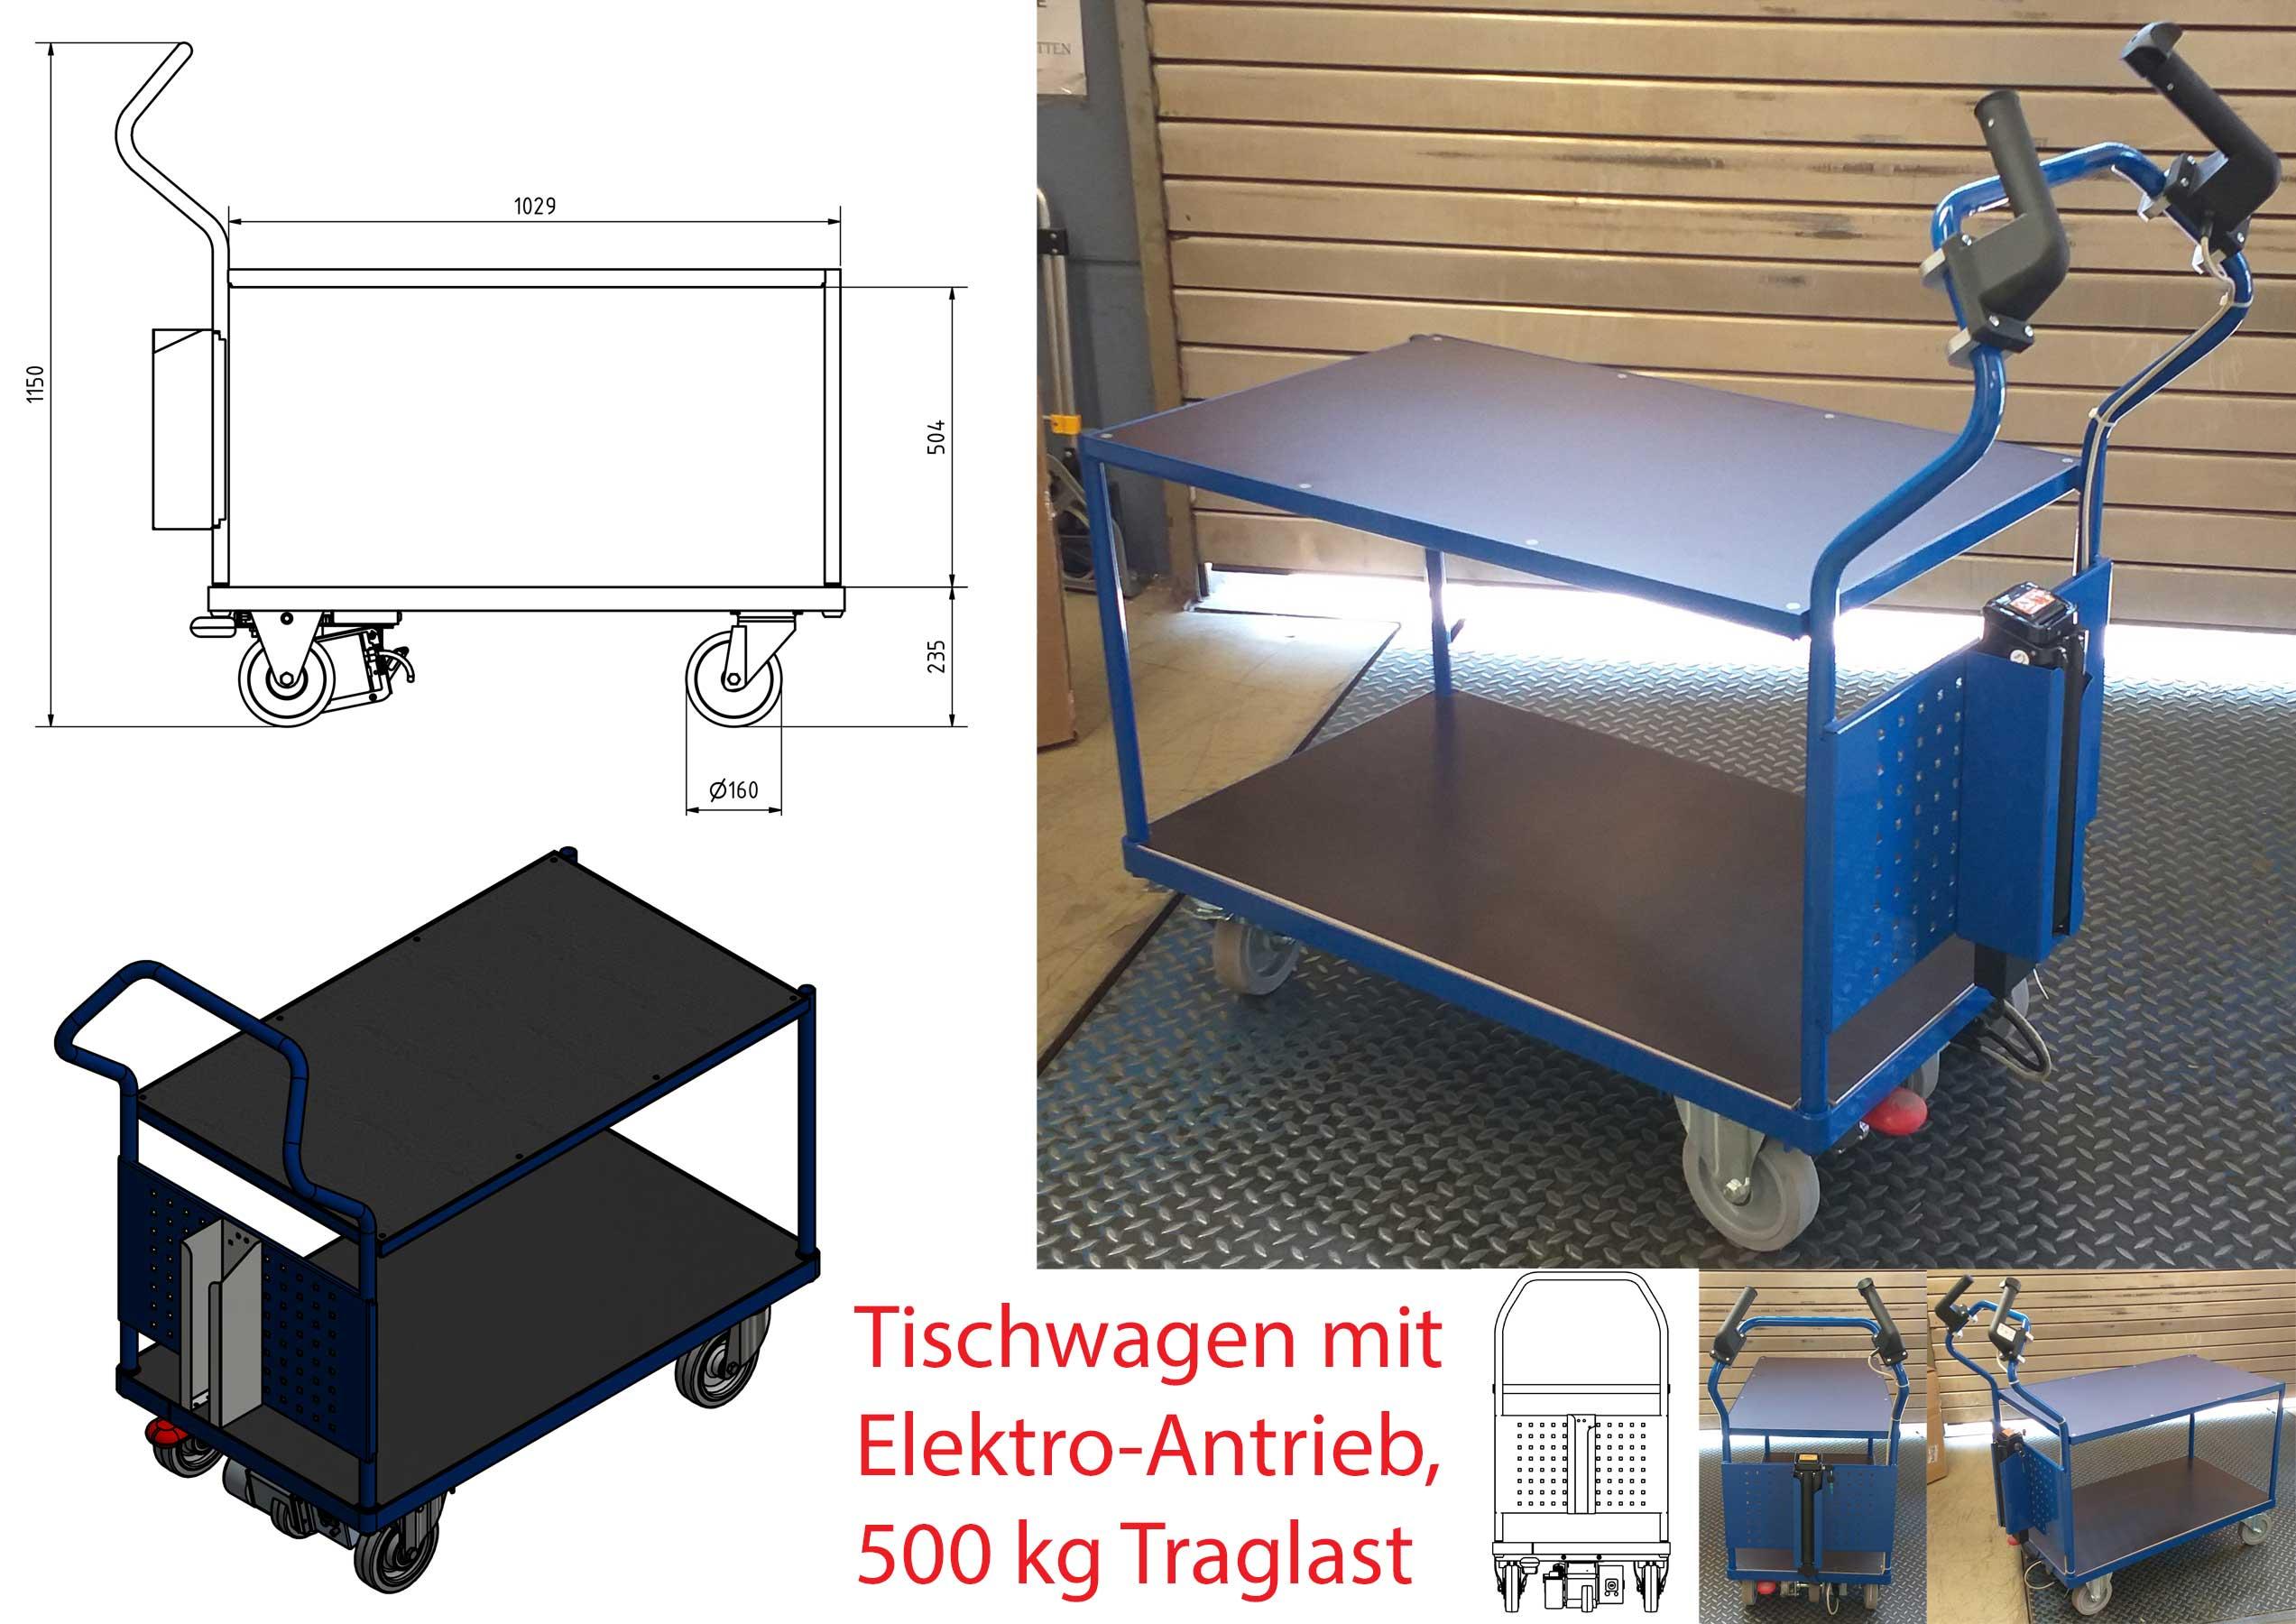 Elektrisch verfahrbarer Etagenwagen mit ergonomischen Handgriffen und 1000mm langer Ladefläche